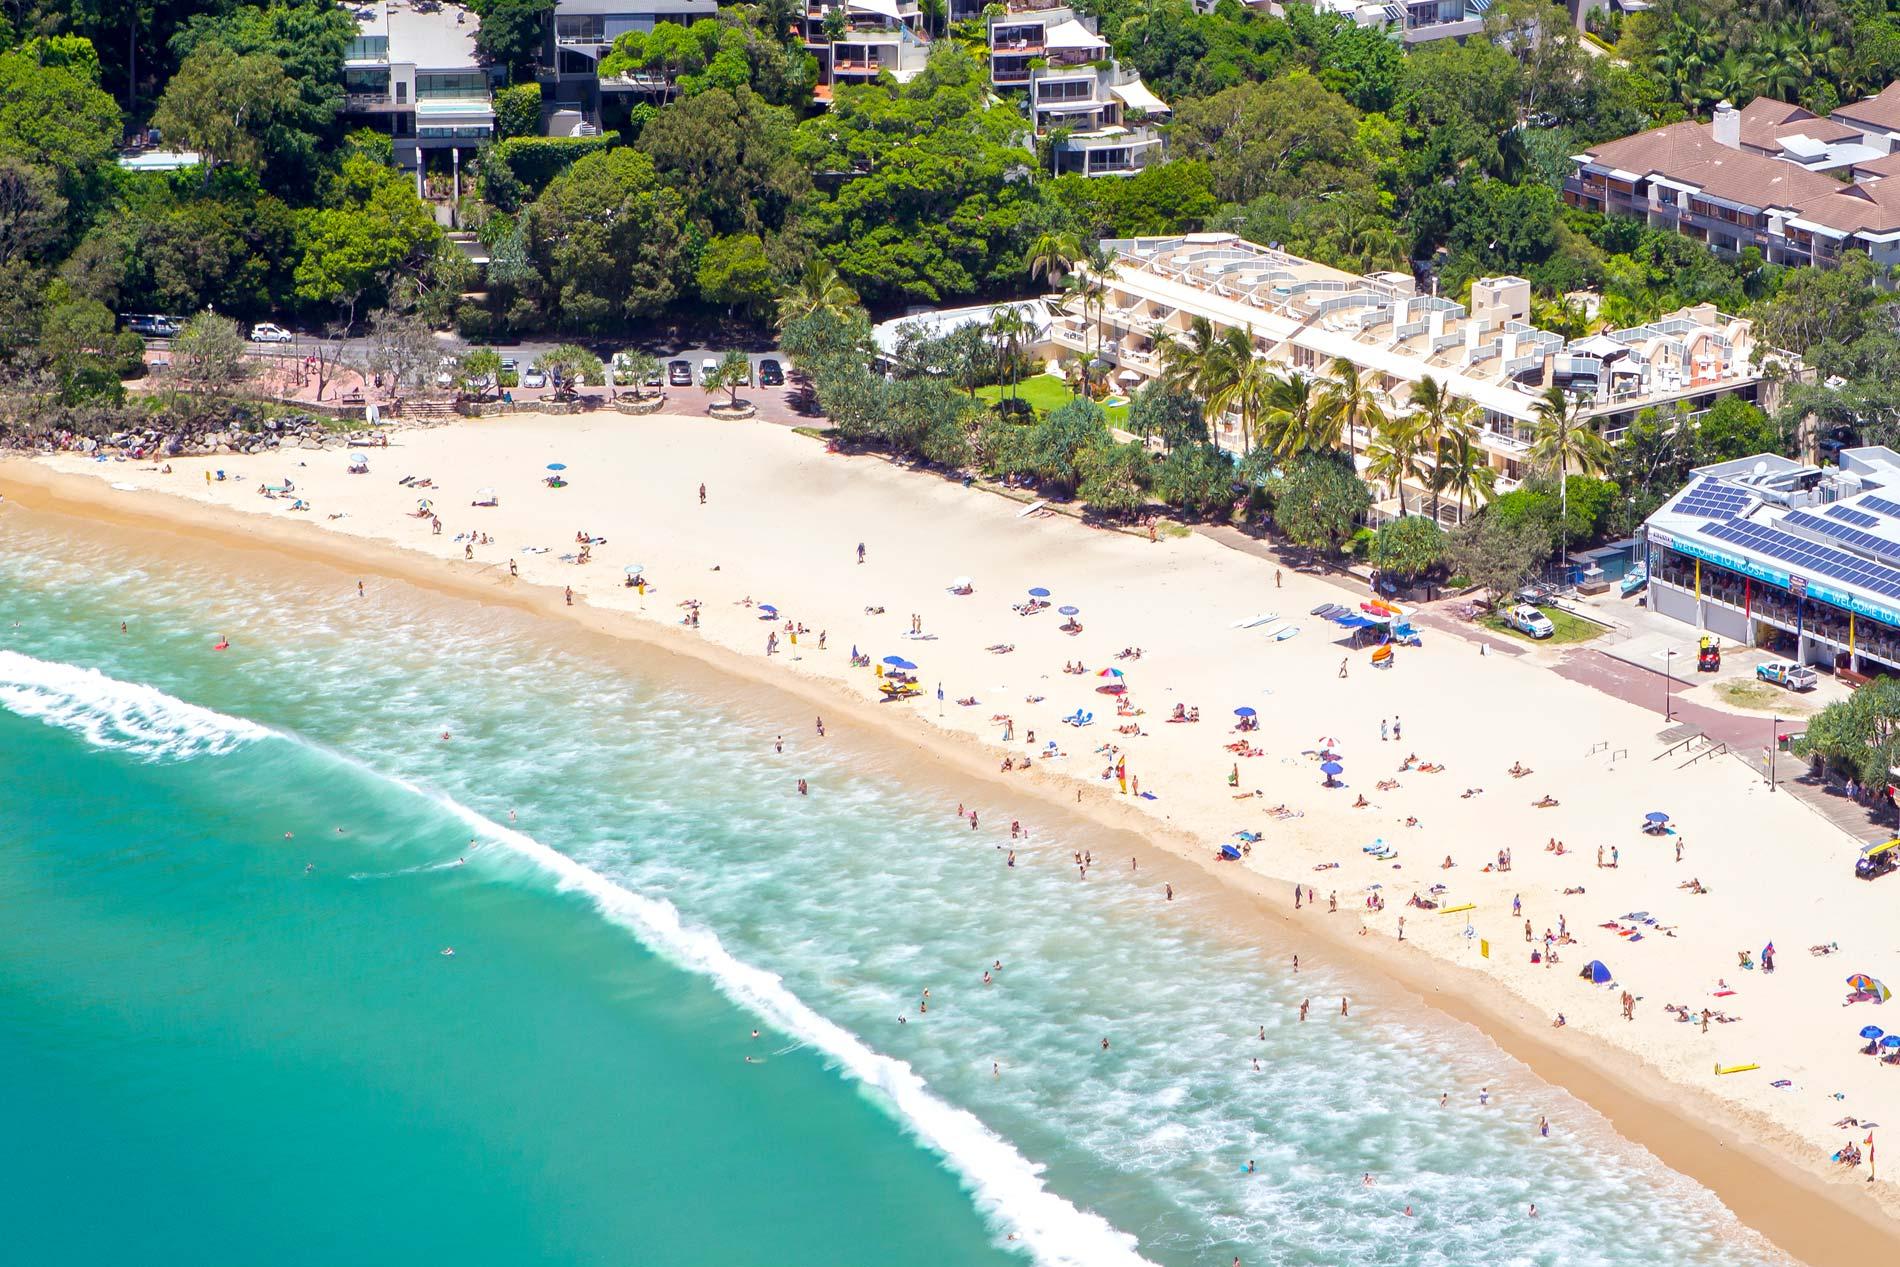 阳光海滩 Sunshine Beach